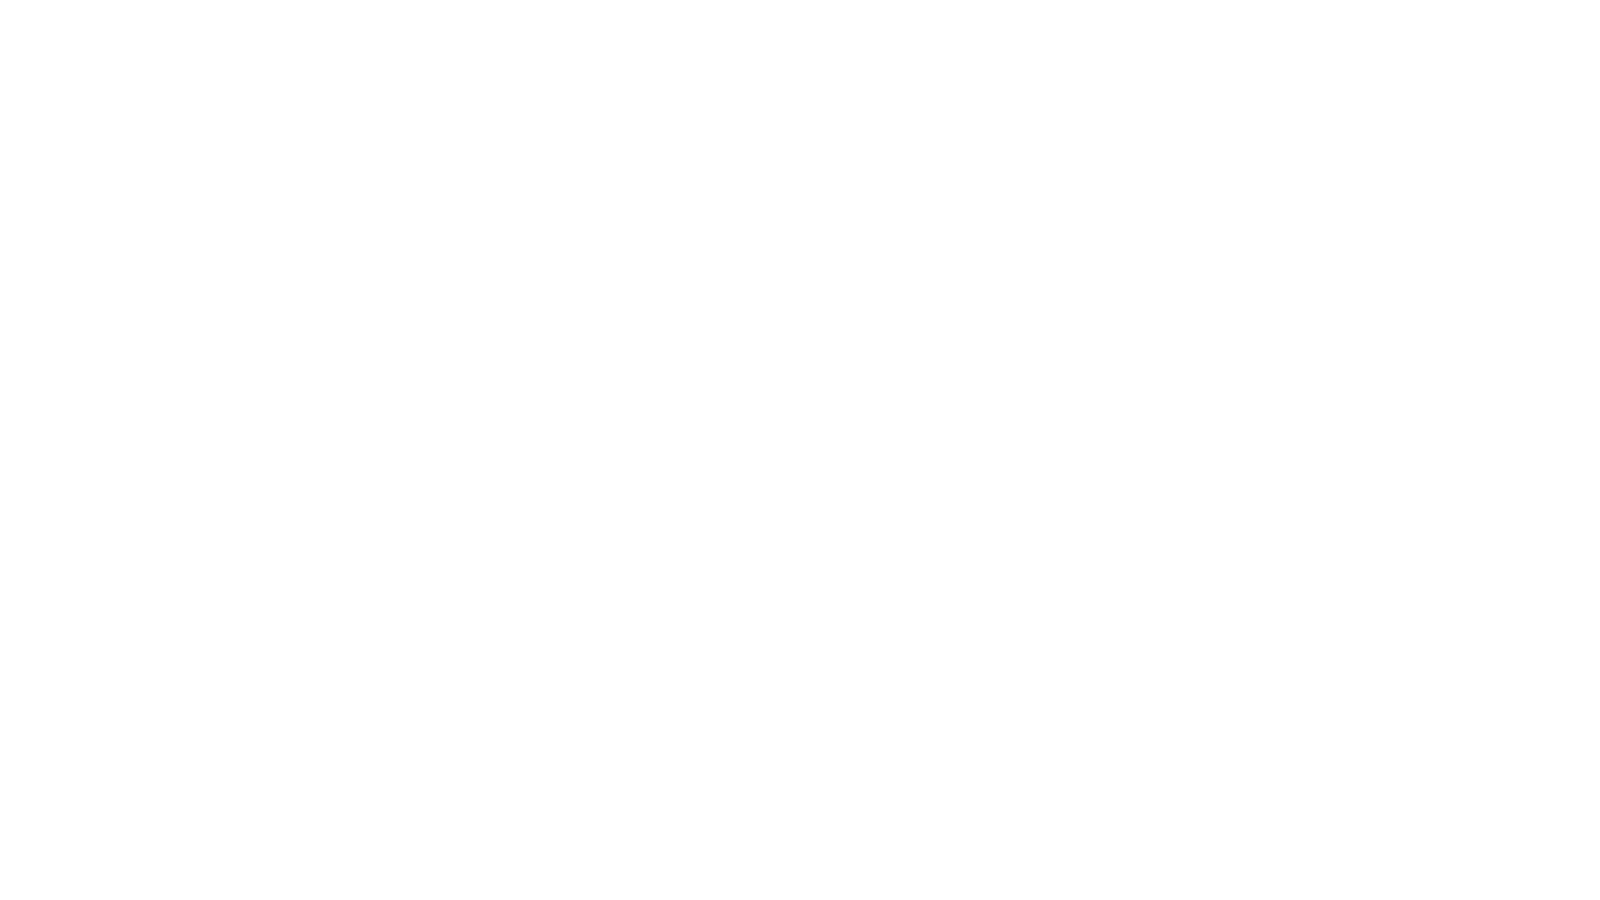 Naslouchejte s námi zvuku historie! Tým Nového fonografu z Národního muzea se zabývá ochranou a digitalizací původních zvukových nosičů. Objevili jsme například prezidentský projev Tomáše Gariggue Masaryka, nejstarší nahrávky humoresek, nahrávky pro krajany v USA, ale i mnoho dalších. Také máte staré zvukové nosiče na půdě a zajímá vás, co skrývají? Nebojte se nás kontaktovat!  Web: https://novyfonograf.cz/ Facebook: https://www.facebook.com/novyfonograf Instagram: https://www.instagram.com/newphonograph/  Autoři: Martin Mejzr, Filip Šír Režie: David Krásný Střih: Norbert Soukup, Marek Baštýř, David Sobotka Kamera: Michal Hůla, Lukáš Brož, Petr Mareš, Překlad: Marie Přibylová Spolupráce: Kateřina Figarová, Iva Horová, Petra Mišáková, Geoff Tyson Financováno za podpory Ministerstva školství, mládeže a tělovýchovy České republiky ---  We are opening a new chapter in the history of sound carriers and audio recording. In its nine pillars, the New Phonograph project encompasses all the essential processes of audio recordings digitization. What needs to be done before you can enjoy listening to the presidential address of Tomáš Garrigue Masaryk, the first recording of the aria of the Prince in Water-Nymph or recordings made for Czech compatriots in America? And how can you start exploring our sound heritage?  Website: https://novyfonograf.cz/en Instagram: https://www.instagram.com/newphonograph/